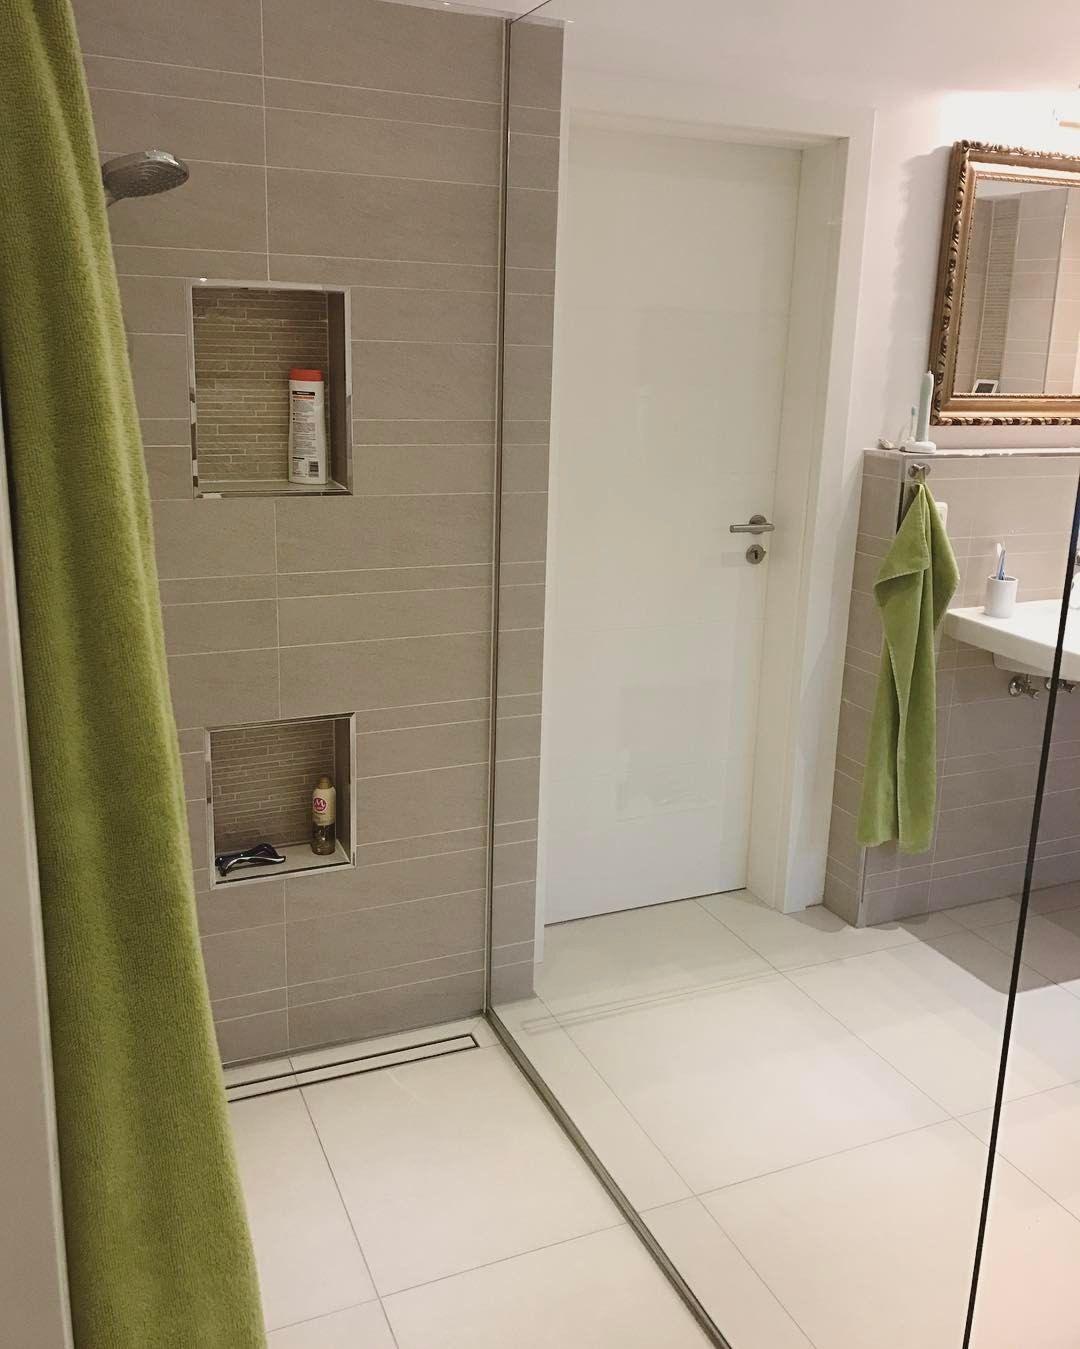 Abstellfläche in der Dusche, Fliesen  Dusche, Badezimmer, Wohnung